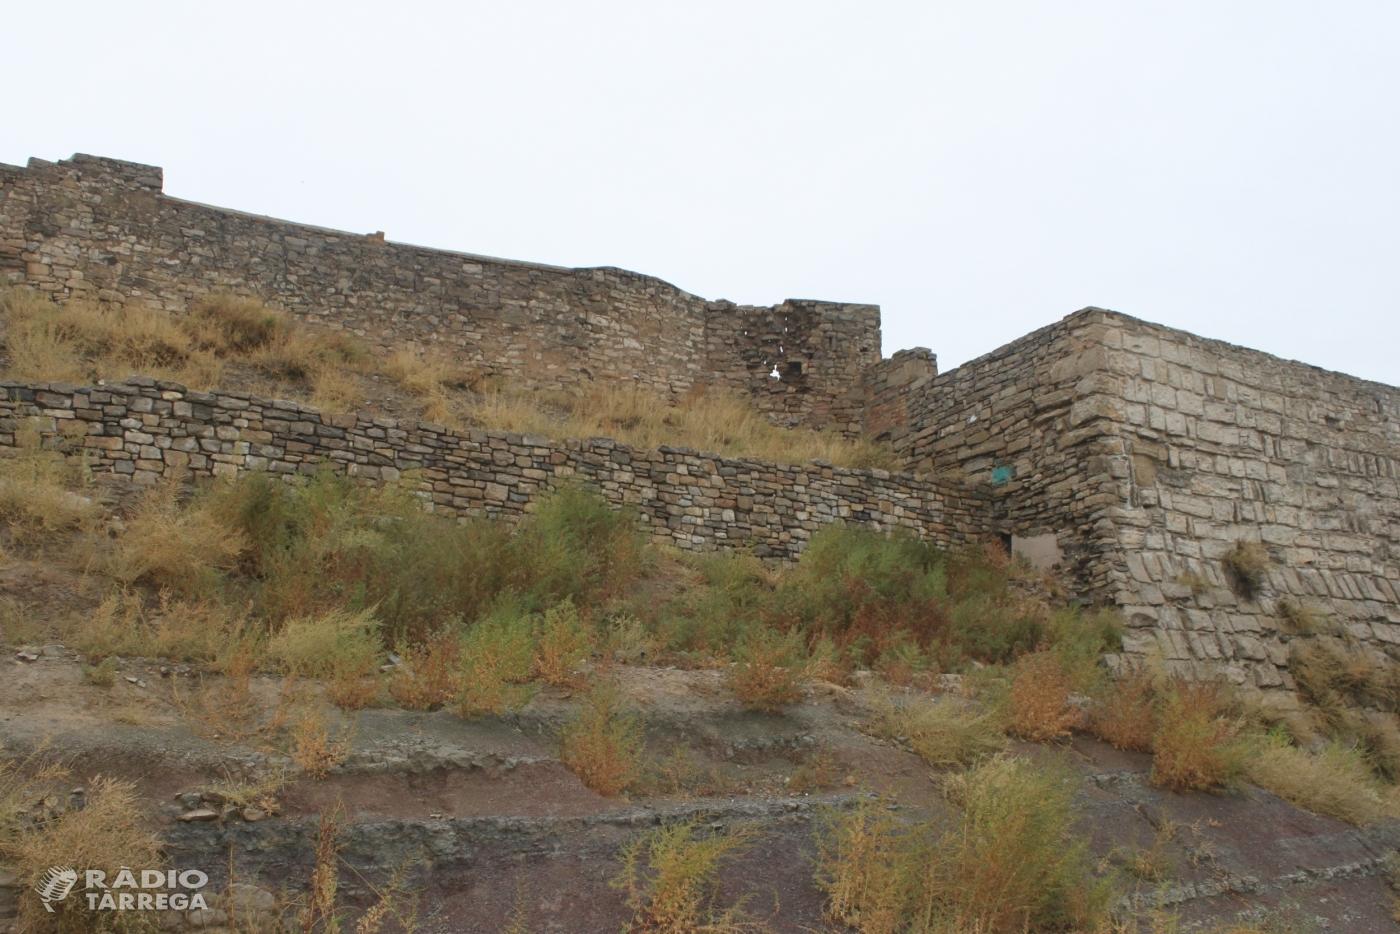 Tàrrega aprova un conjunt d'accions urgents per restaurar i preservar el mur sud del castell